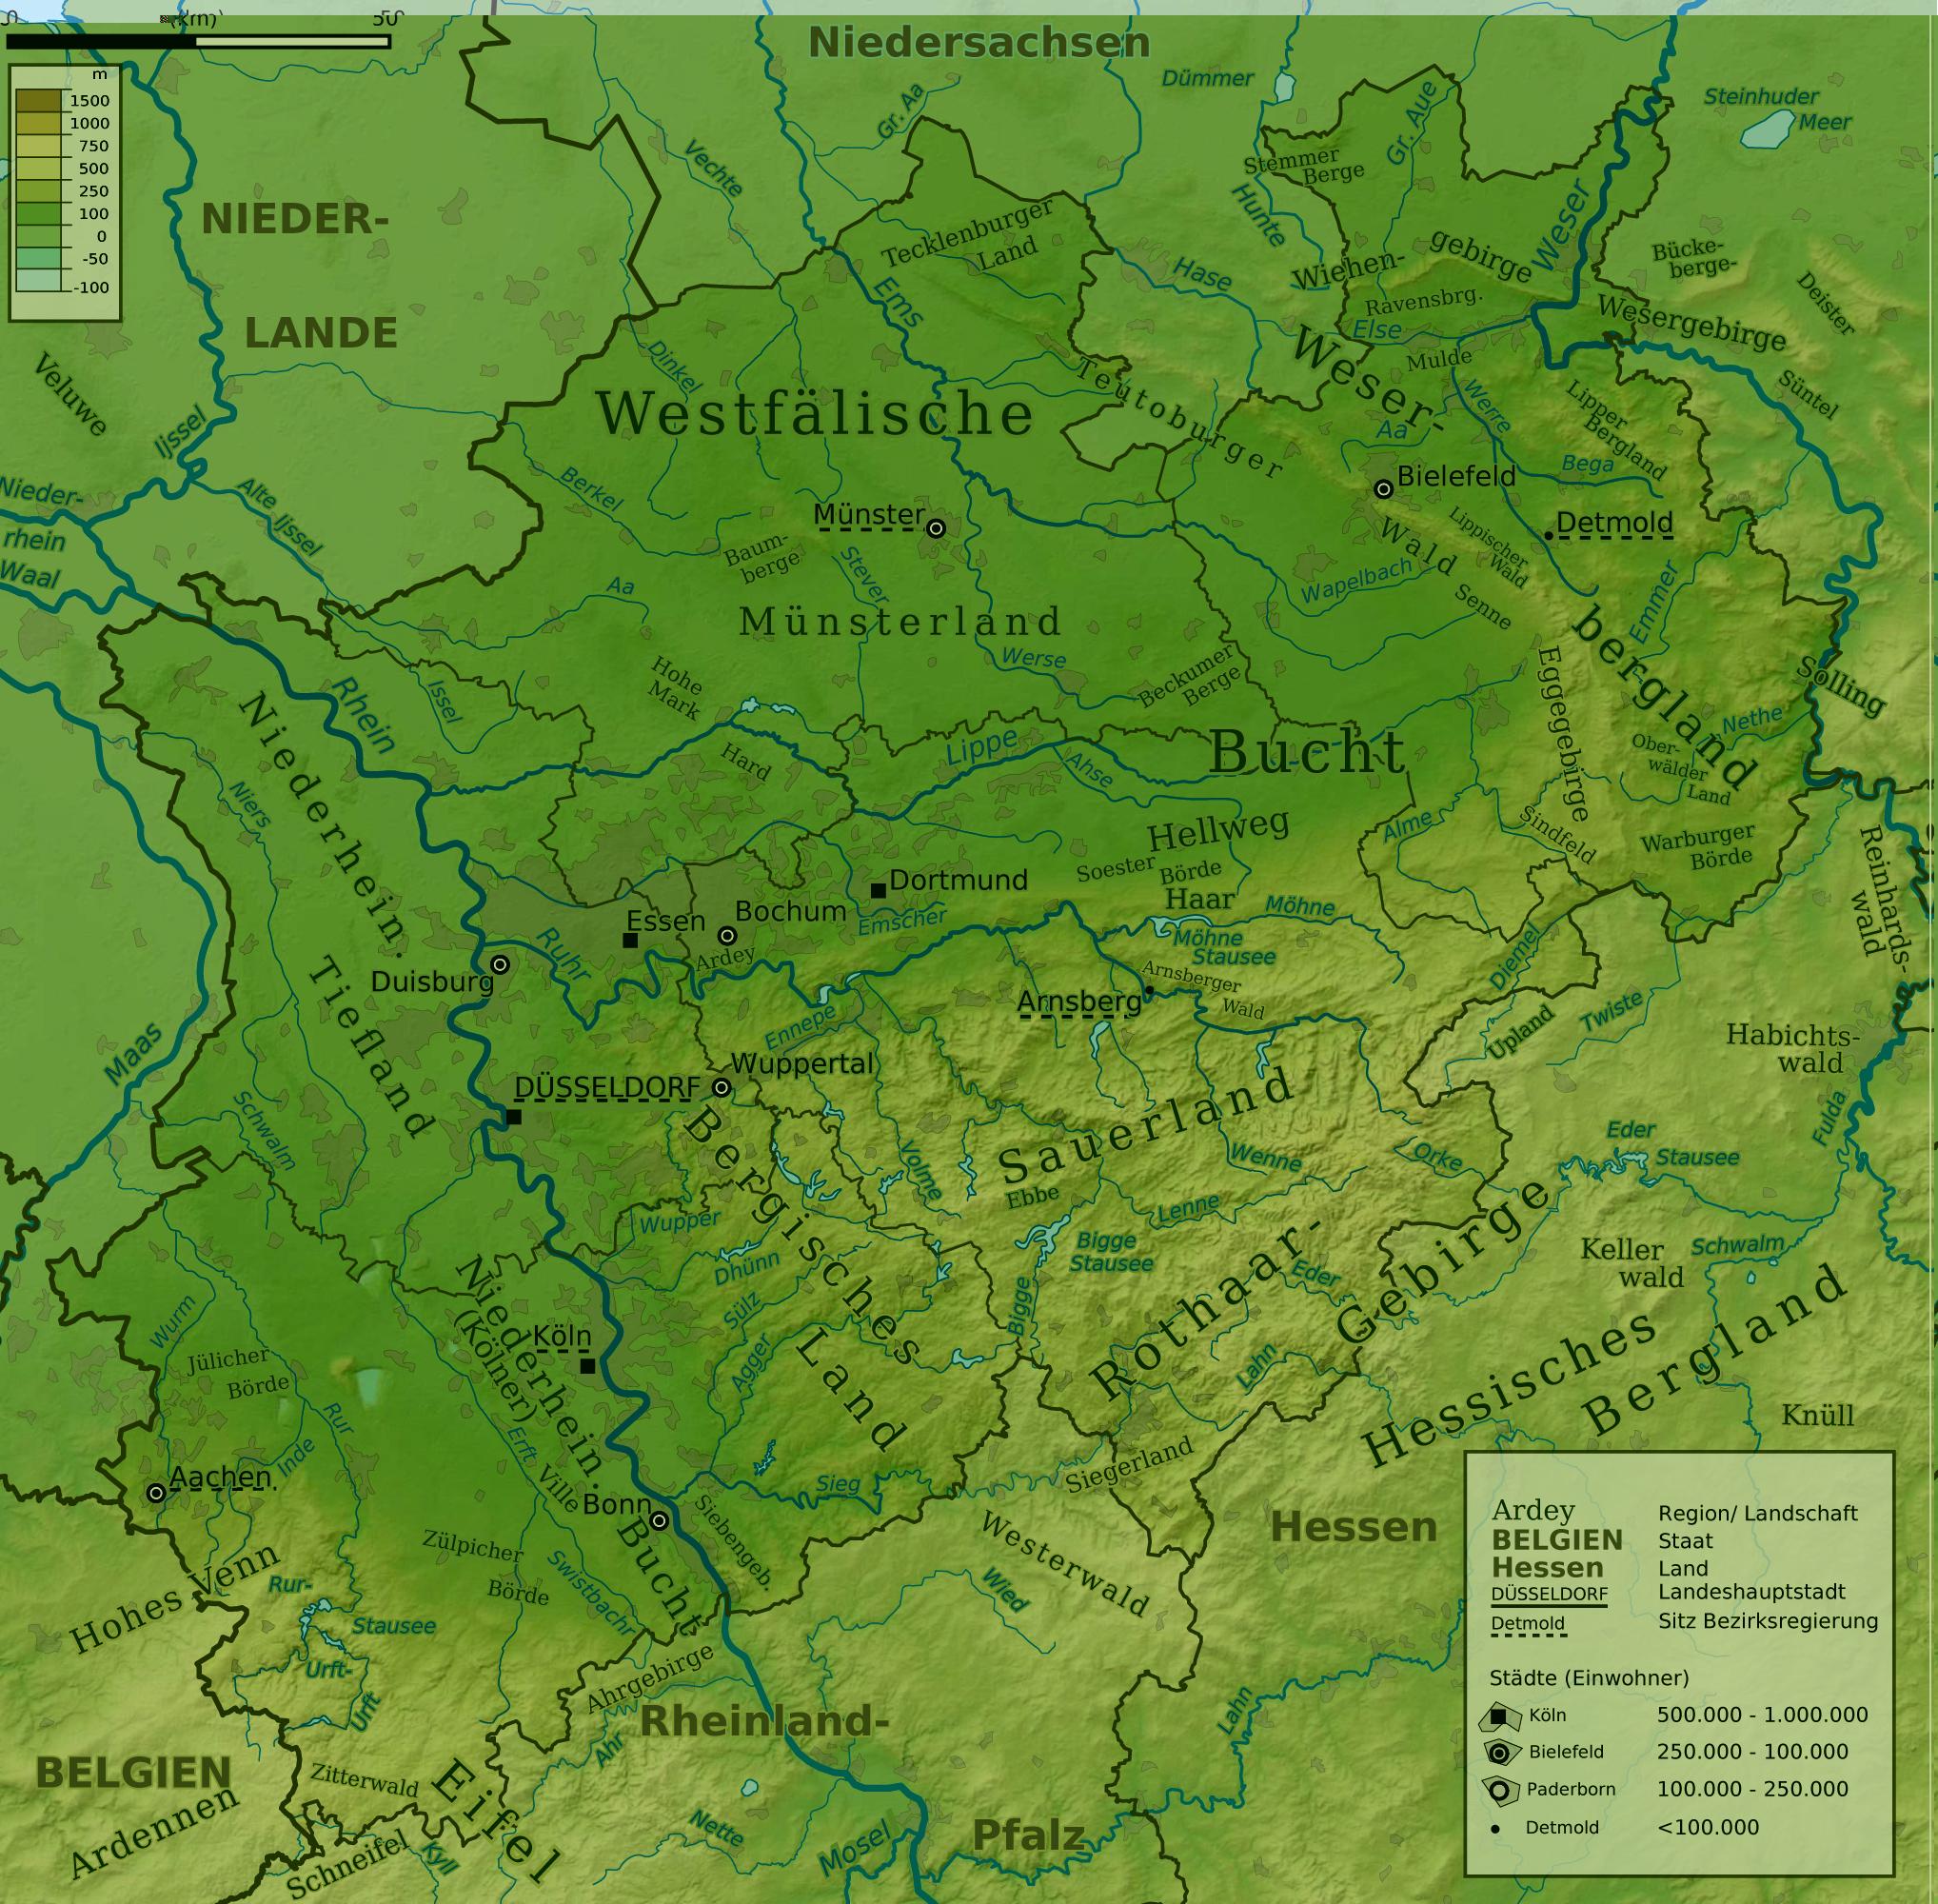 Mapa físico de Renania del Norte-Westfalia 2009